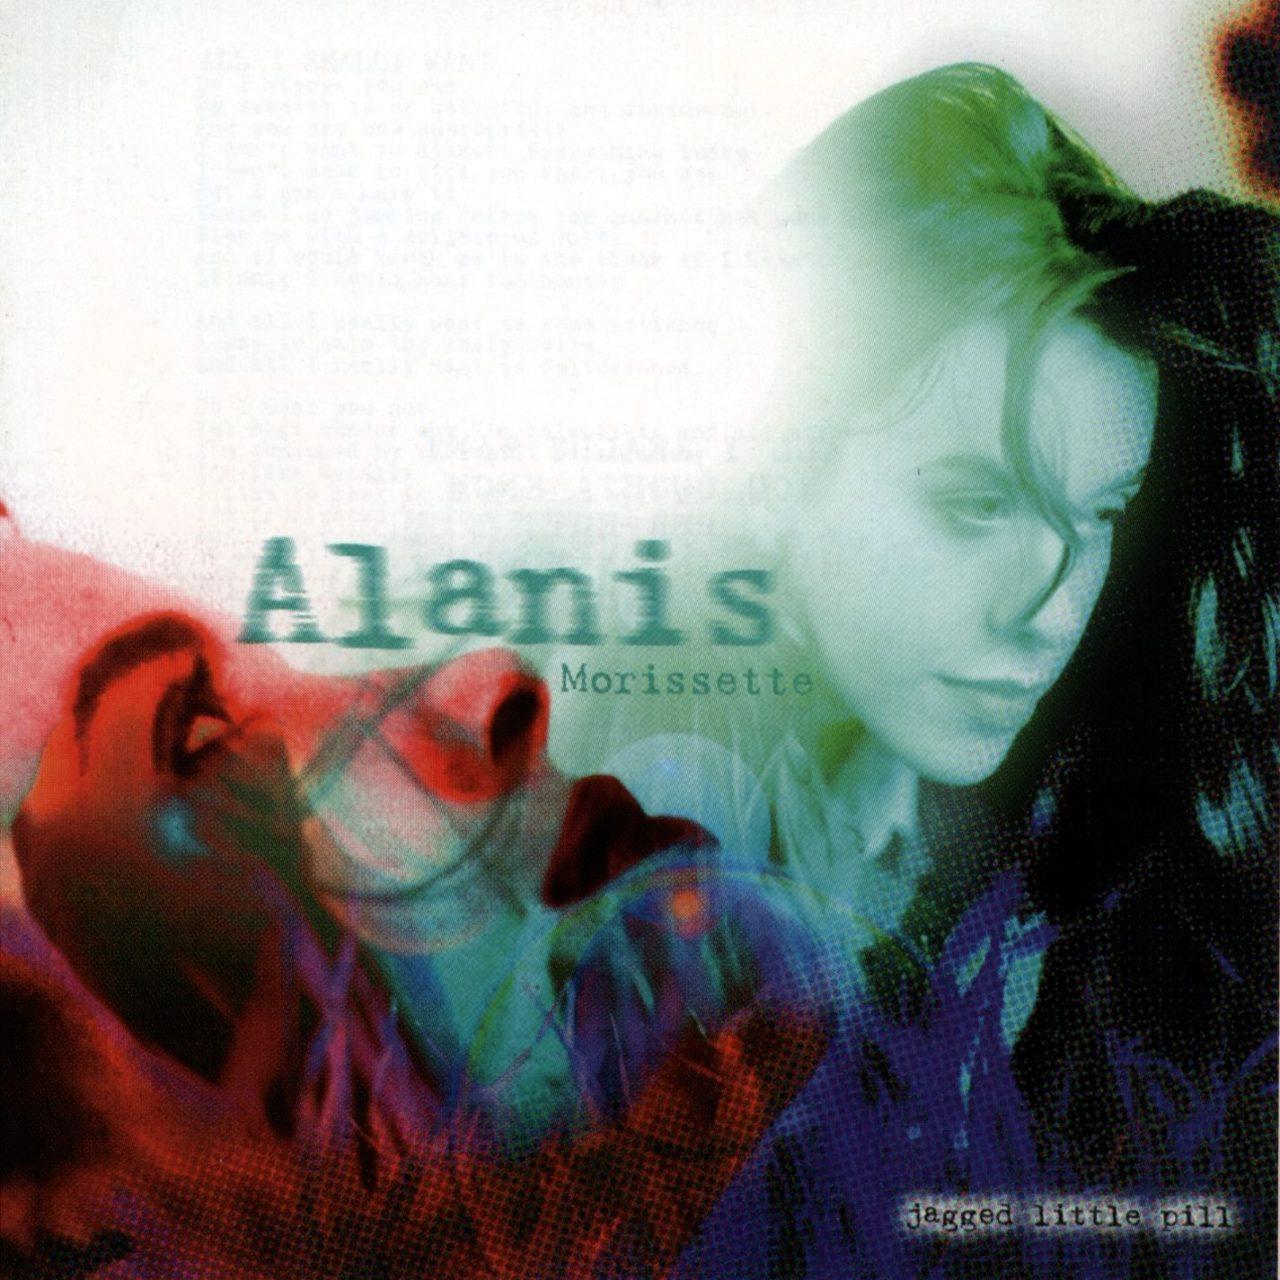 Alanis Morissette - Hand in my pocket